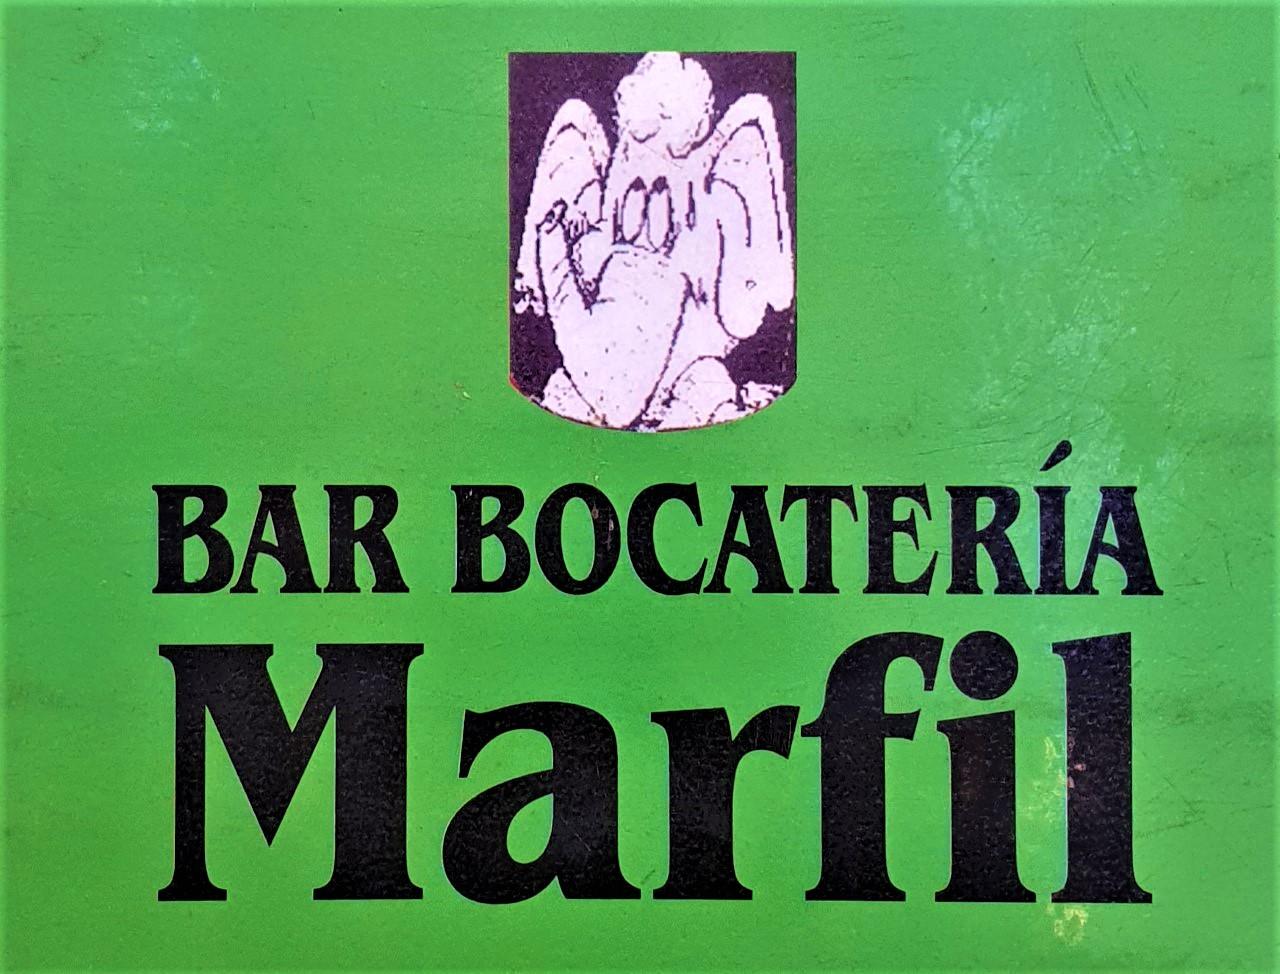 Bar Bocatería Marfil